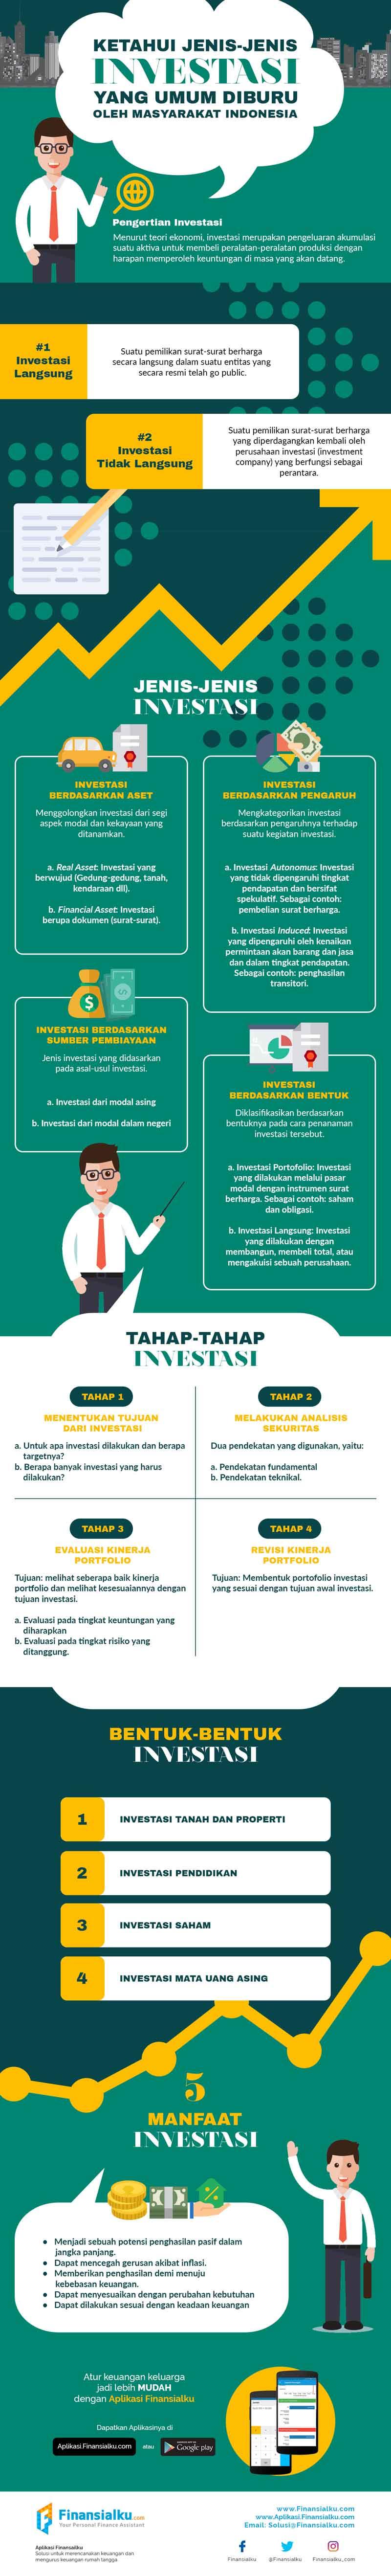 Infografis Ketahui Jenis Jenis Investasi Yang Umum Diburu